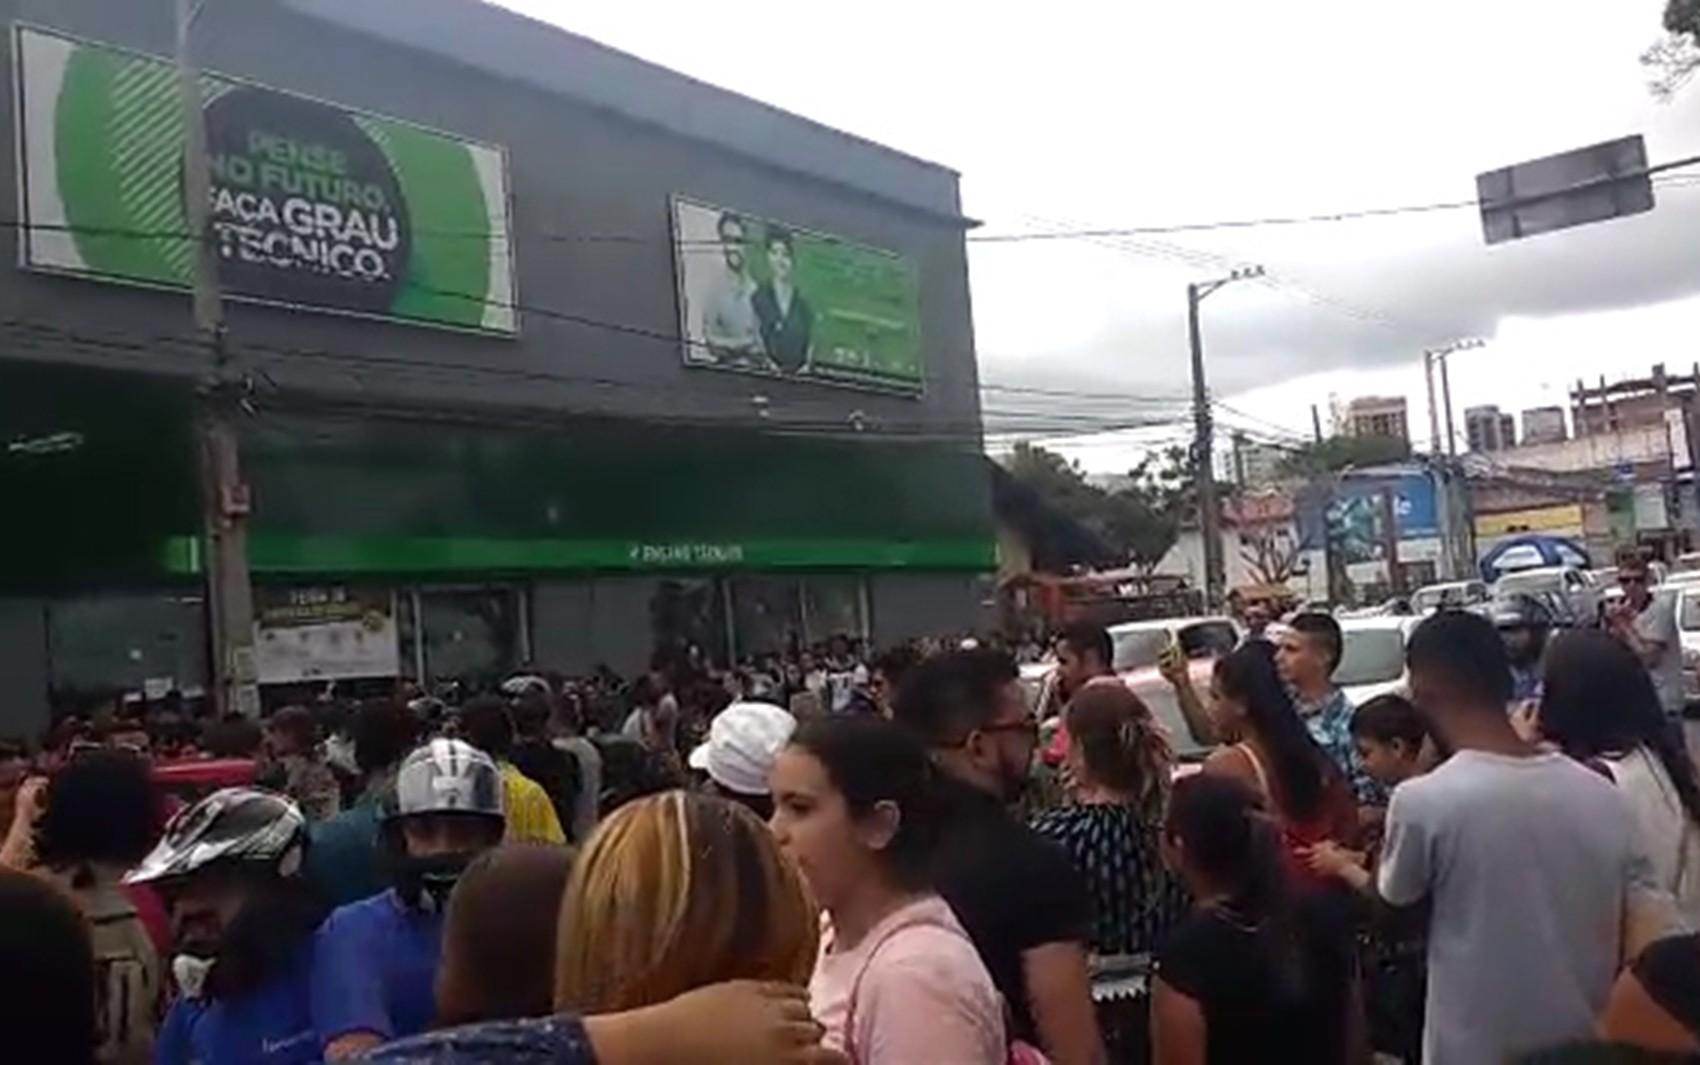 Feirão de empregos termina com confusão, vidros quebrados e fogo na rua em Campina Grande